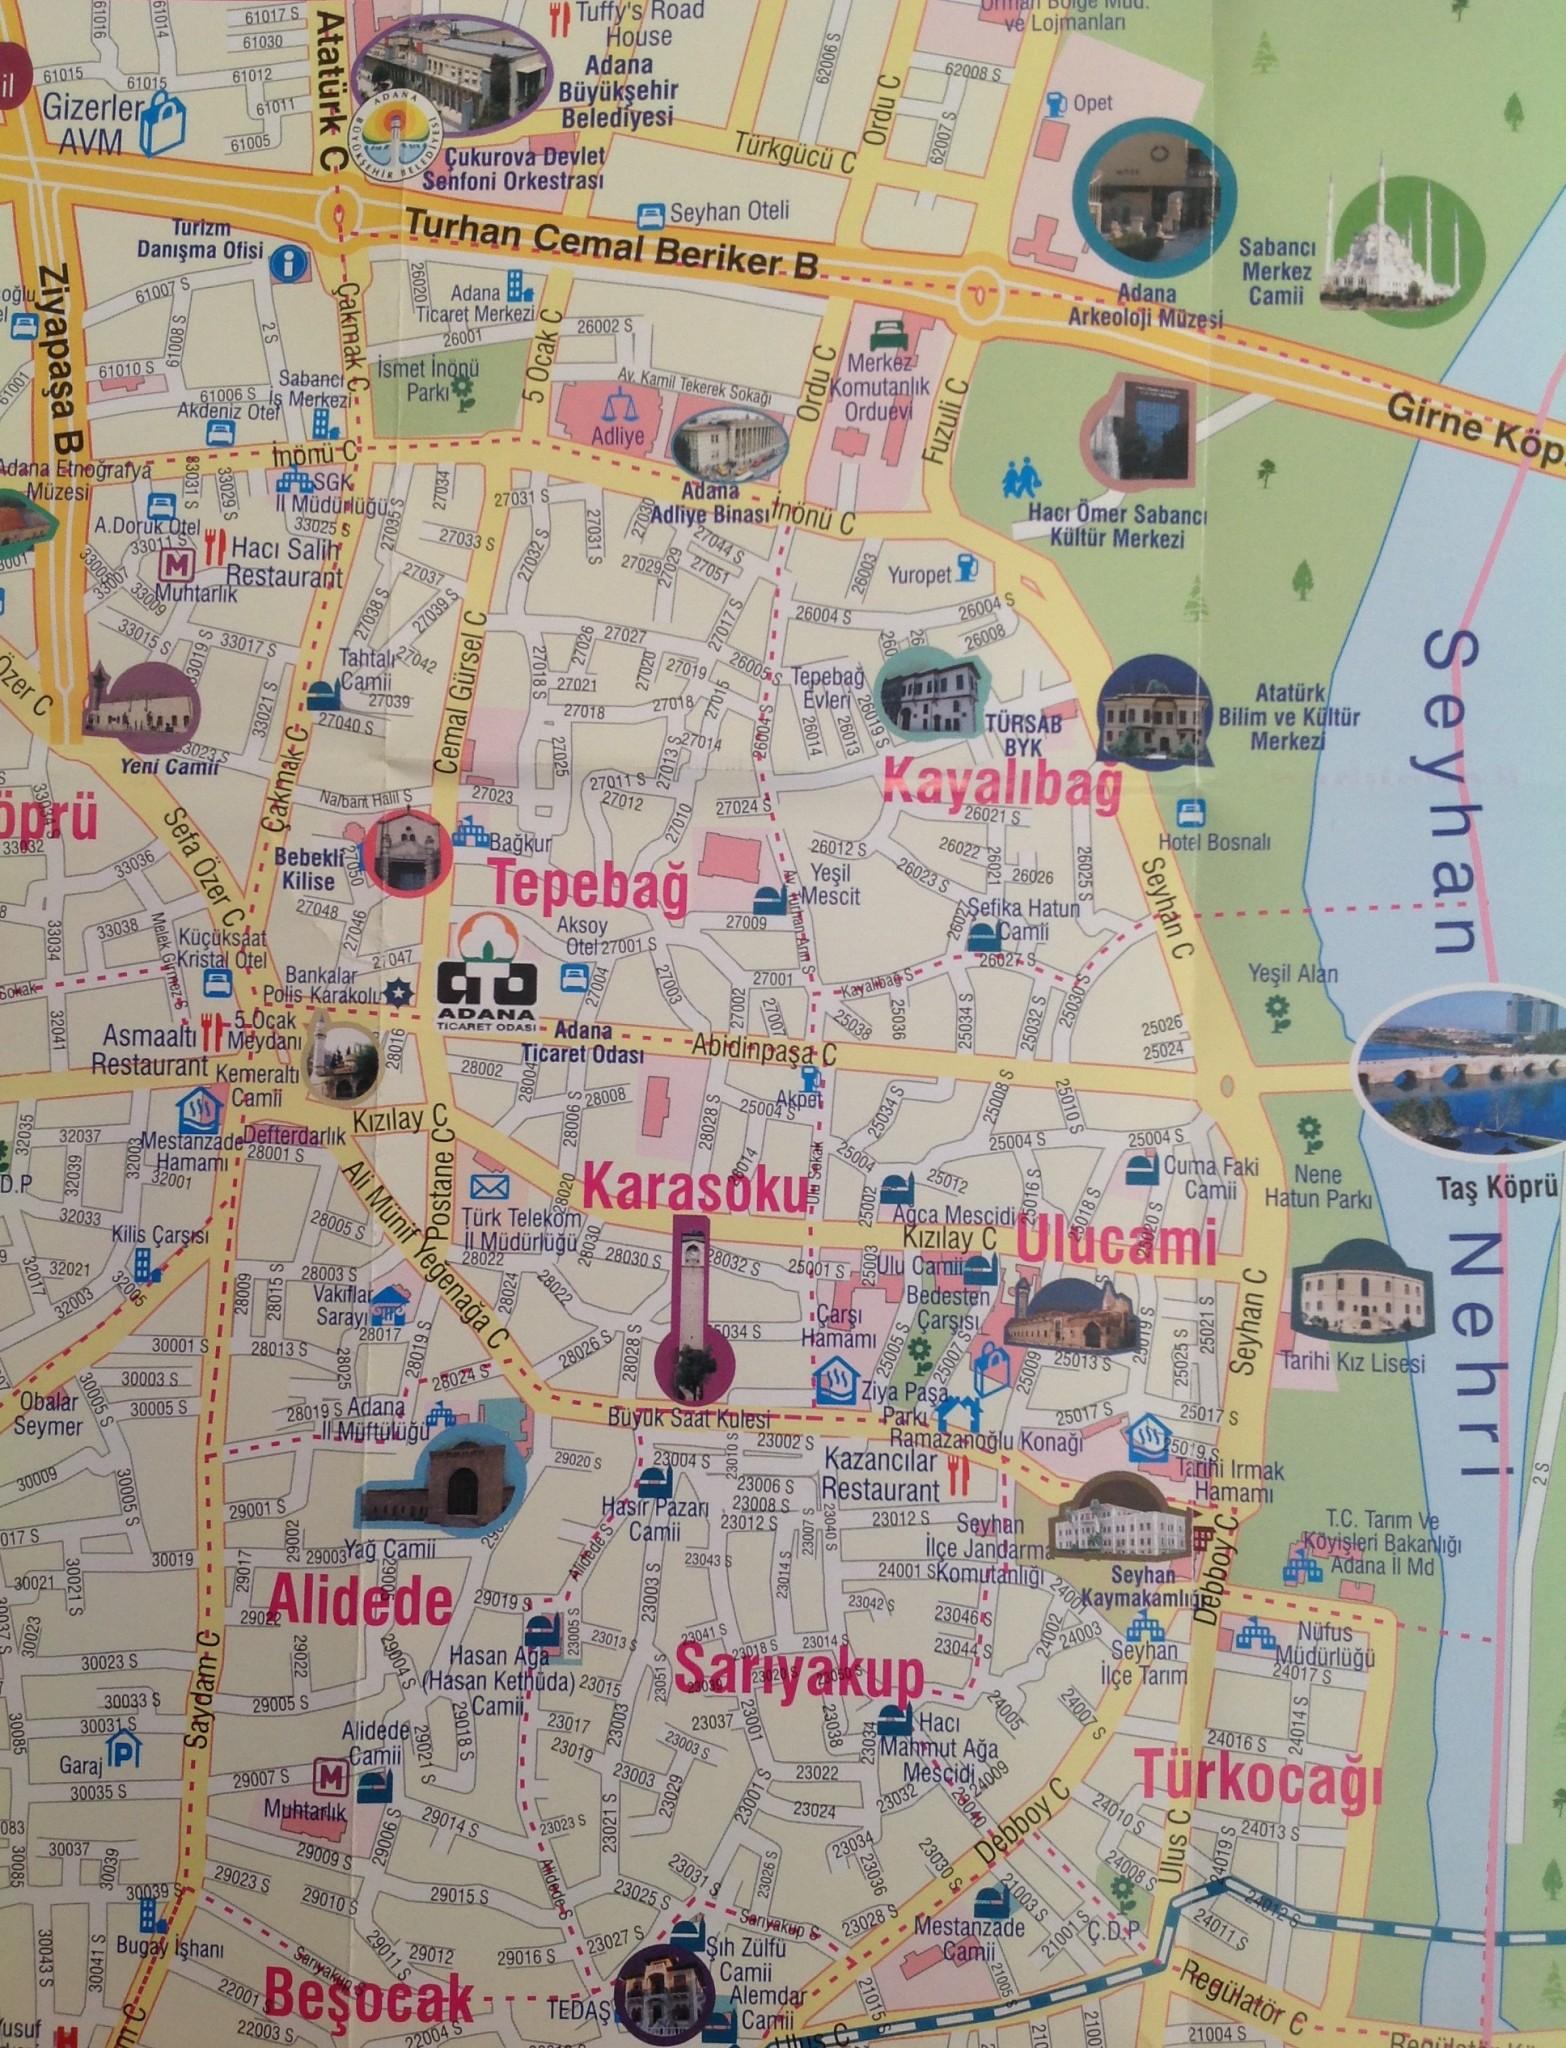 Adana Gezilecek Yerler Haritası